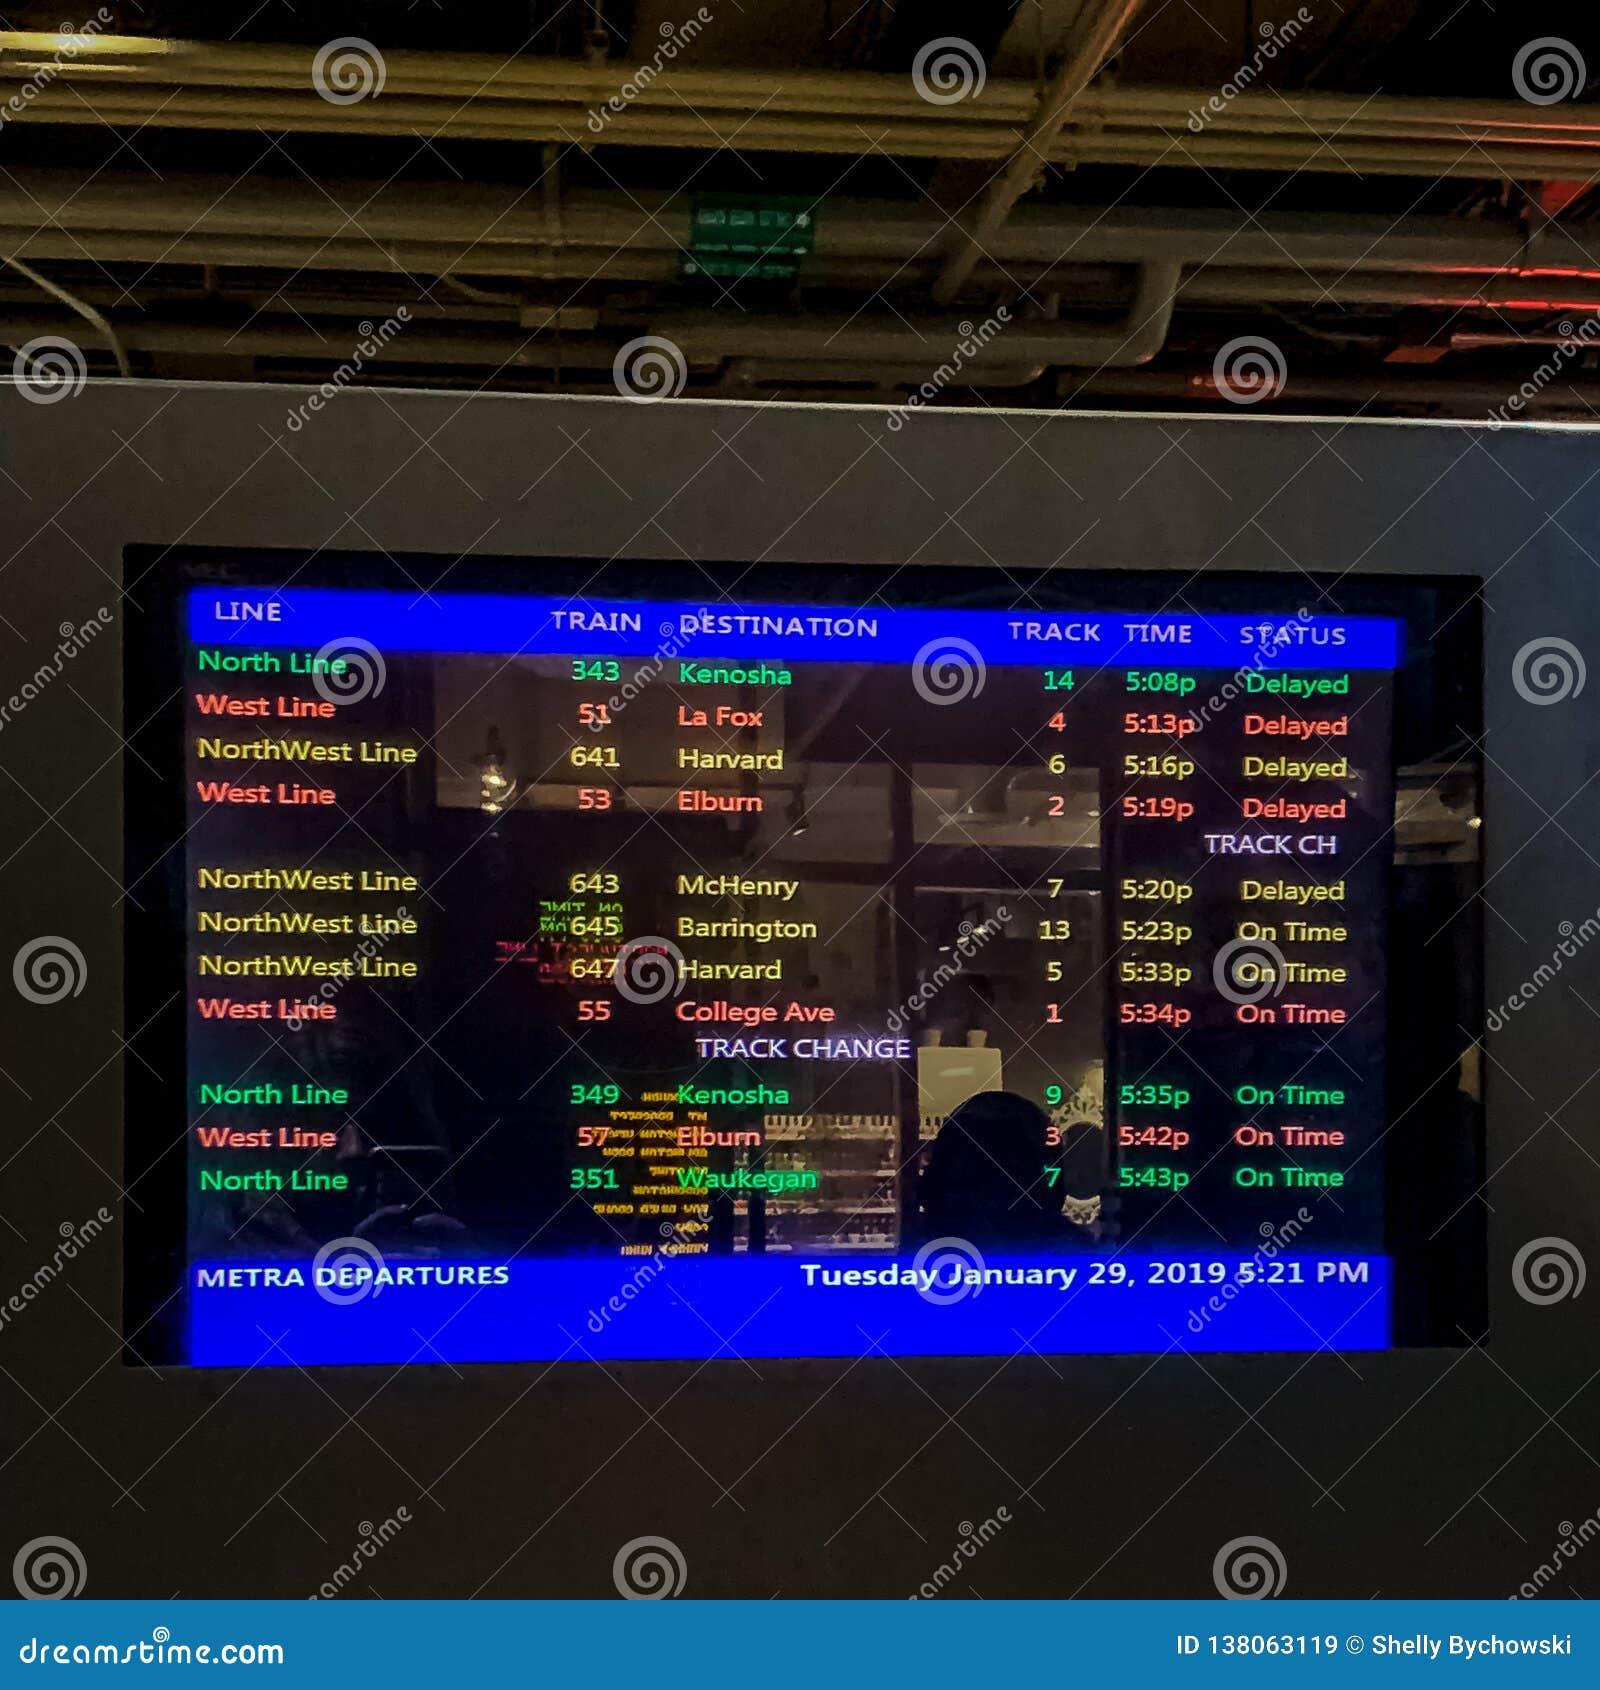 Notificaciones de la vía de Metra con respecto a los trenes retrasados en Chicago